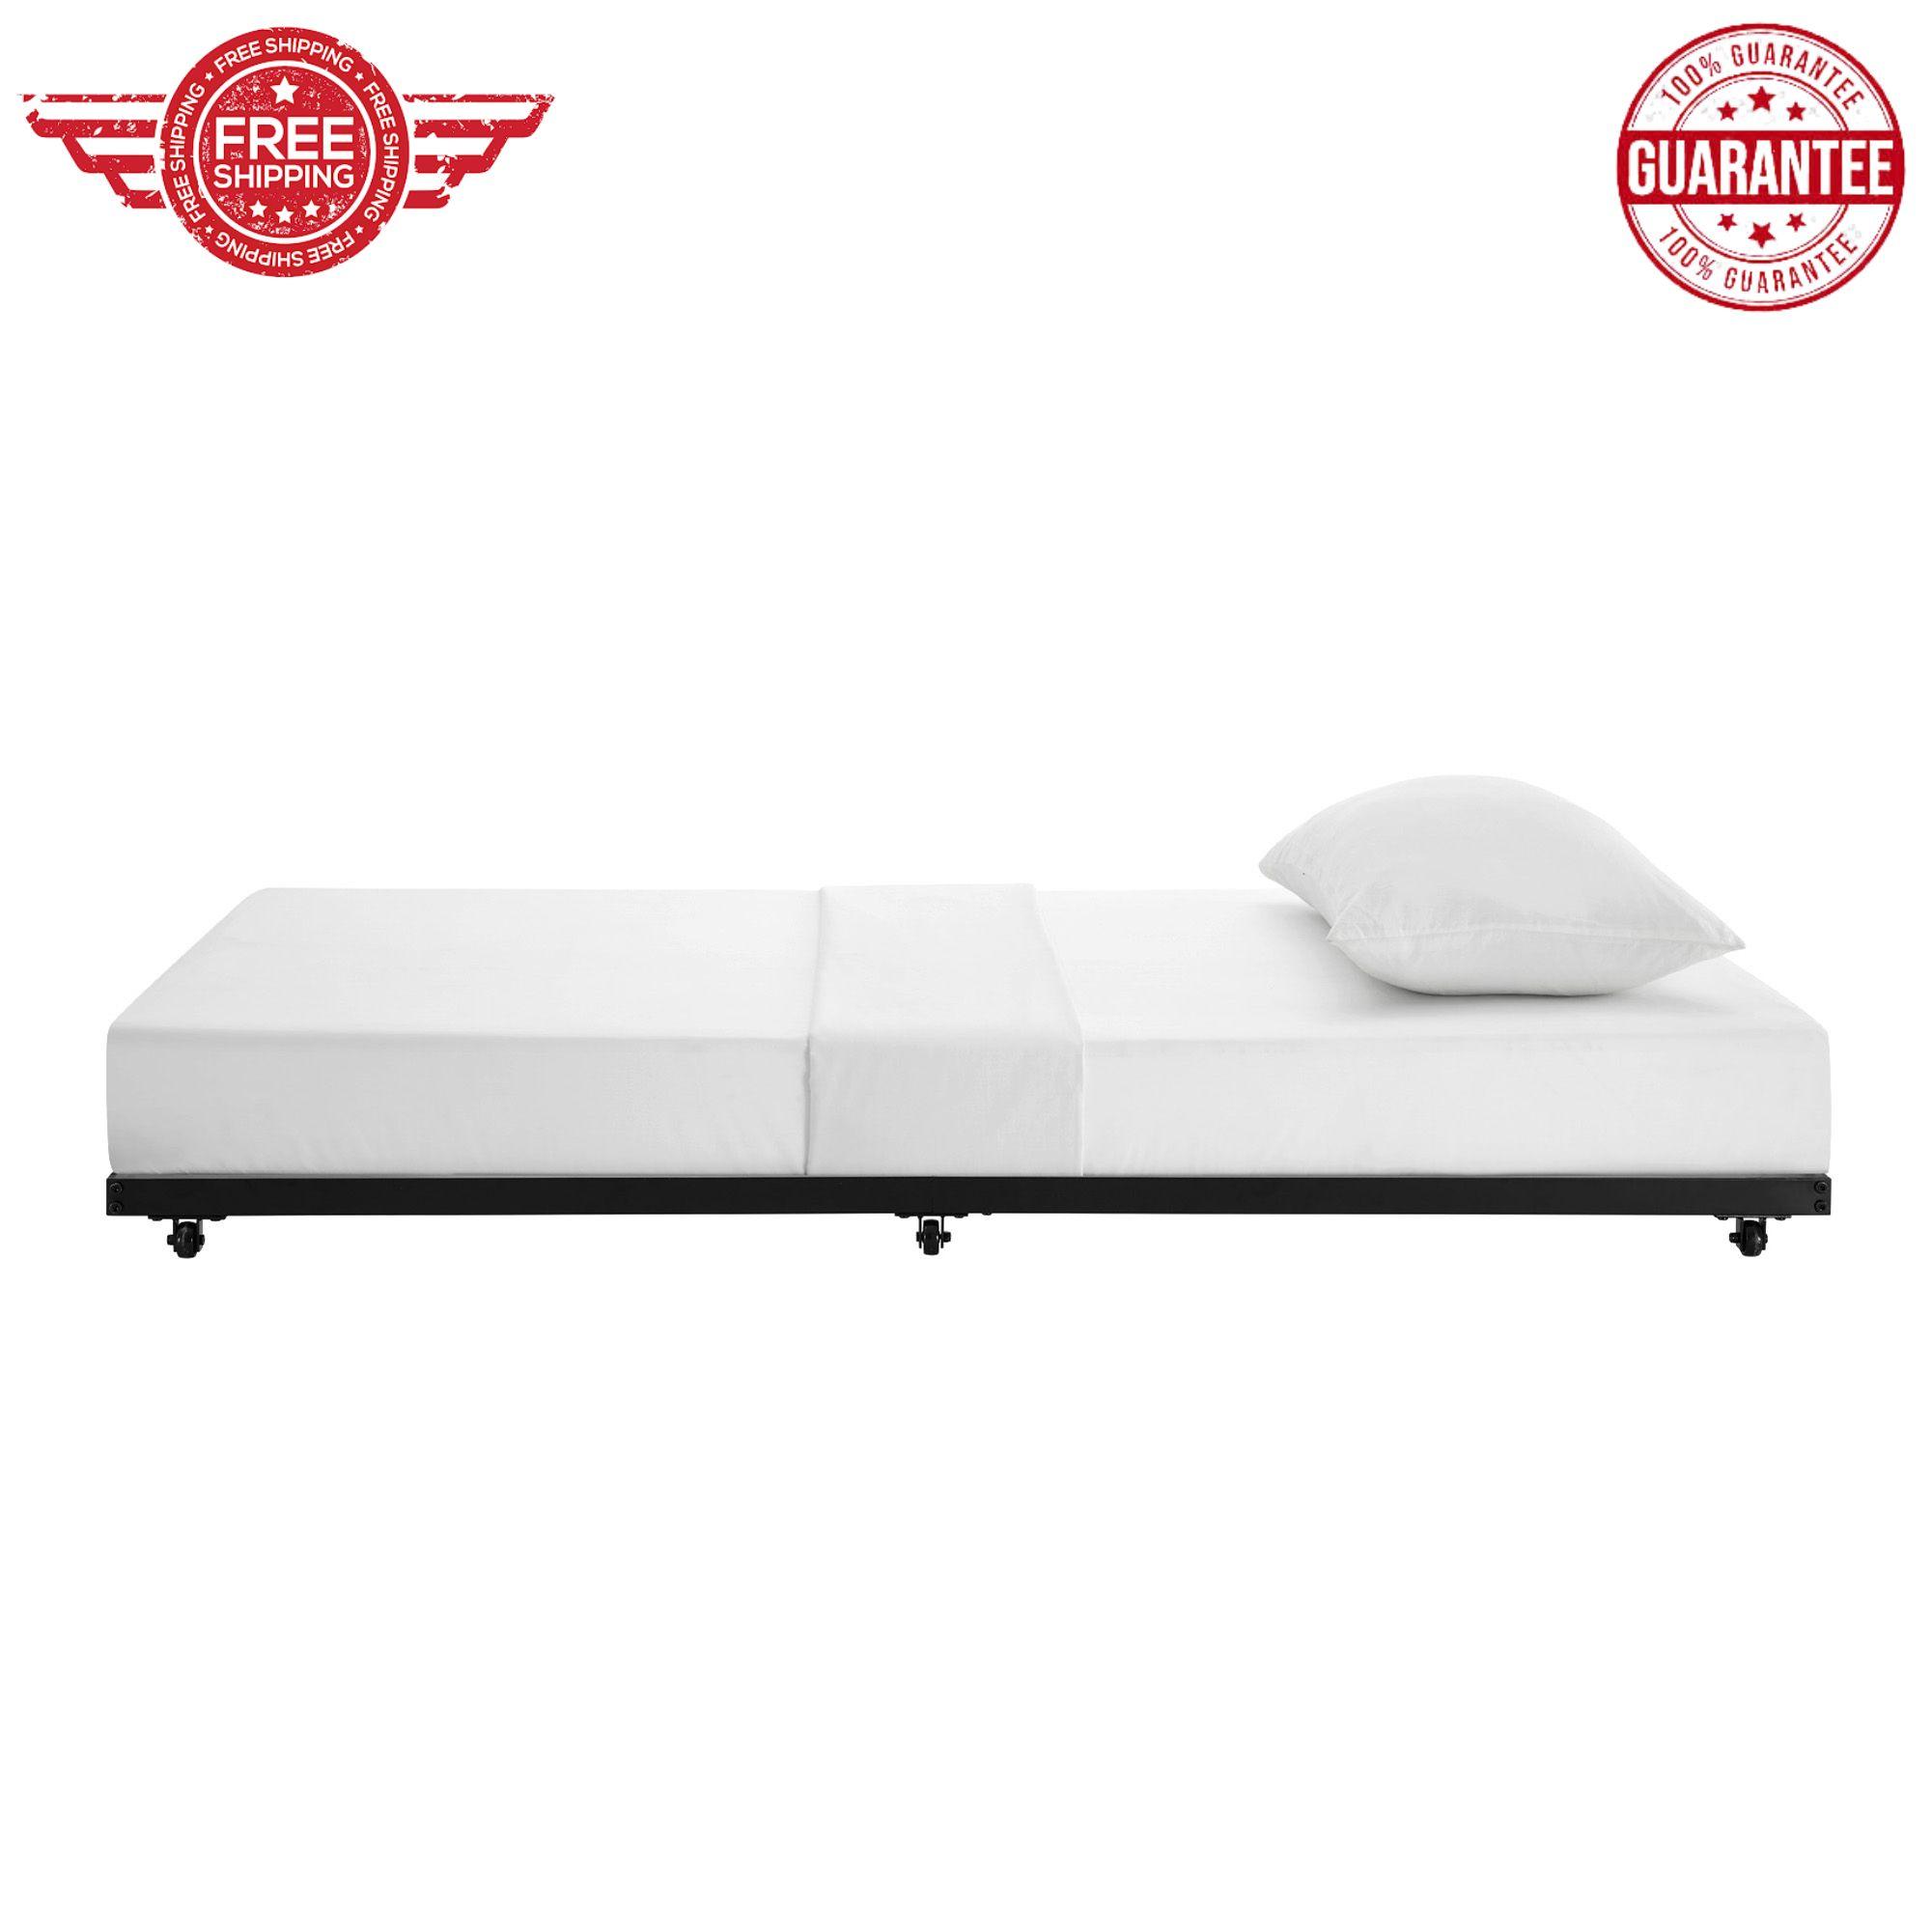 Image of: Twin Size Metal Bed Frame Roll Out Black Kids Trundle Frame Storage Bedroom Ebay